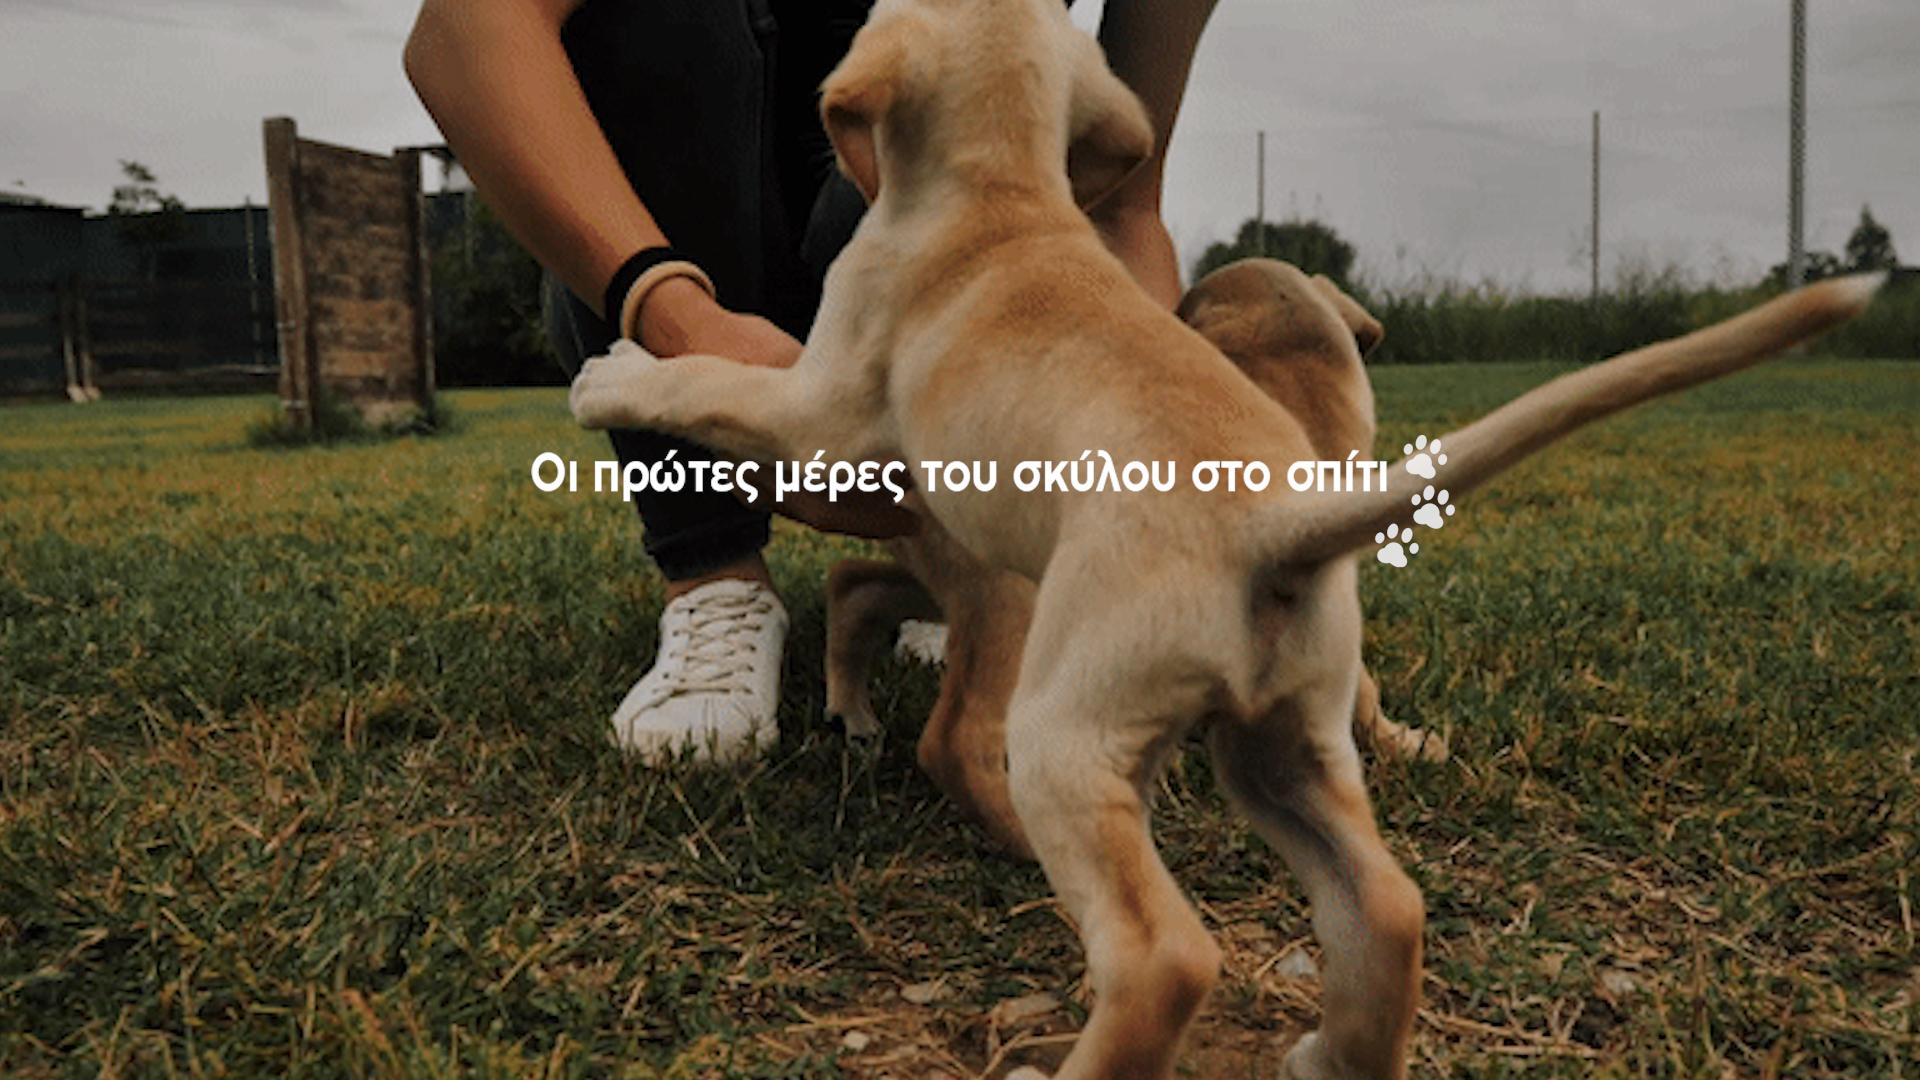 oi_prwtes_meres_tou_koutaviou_sto_spiti